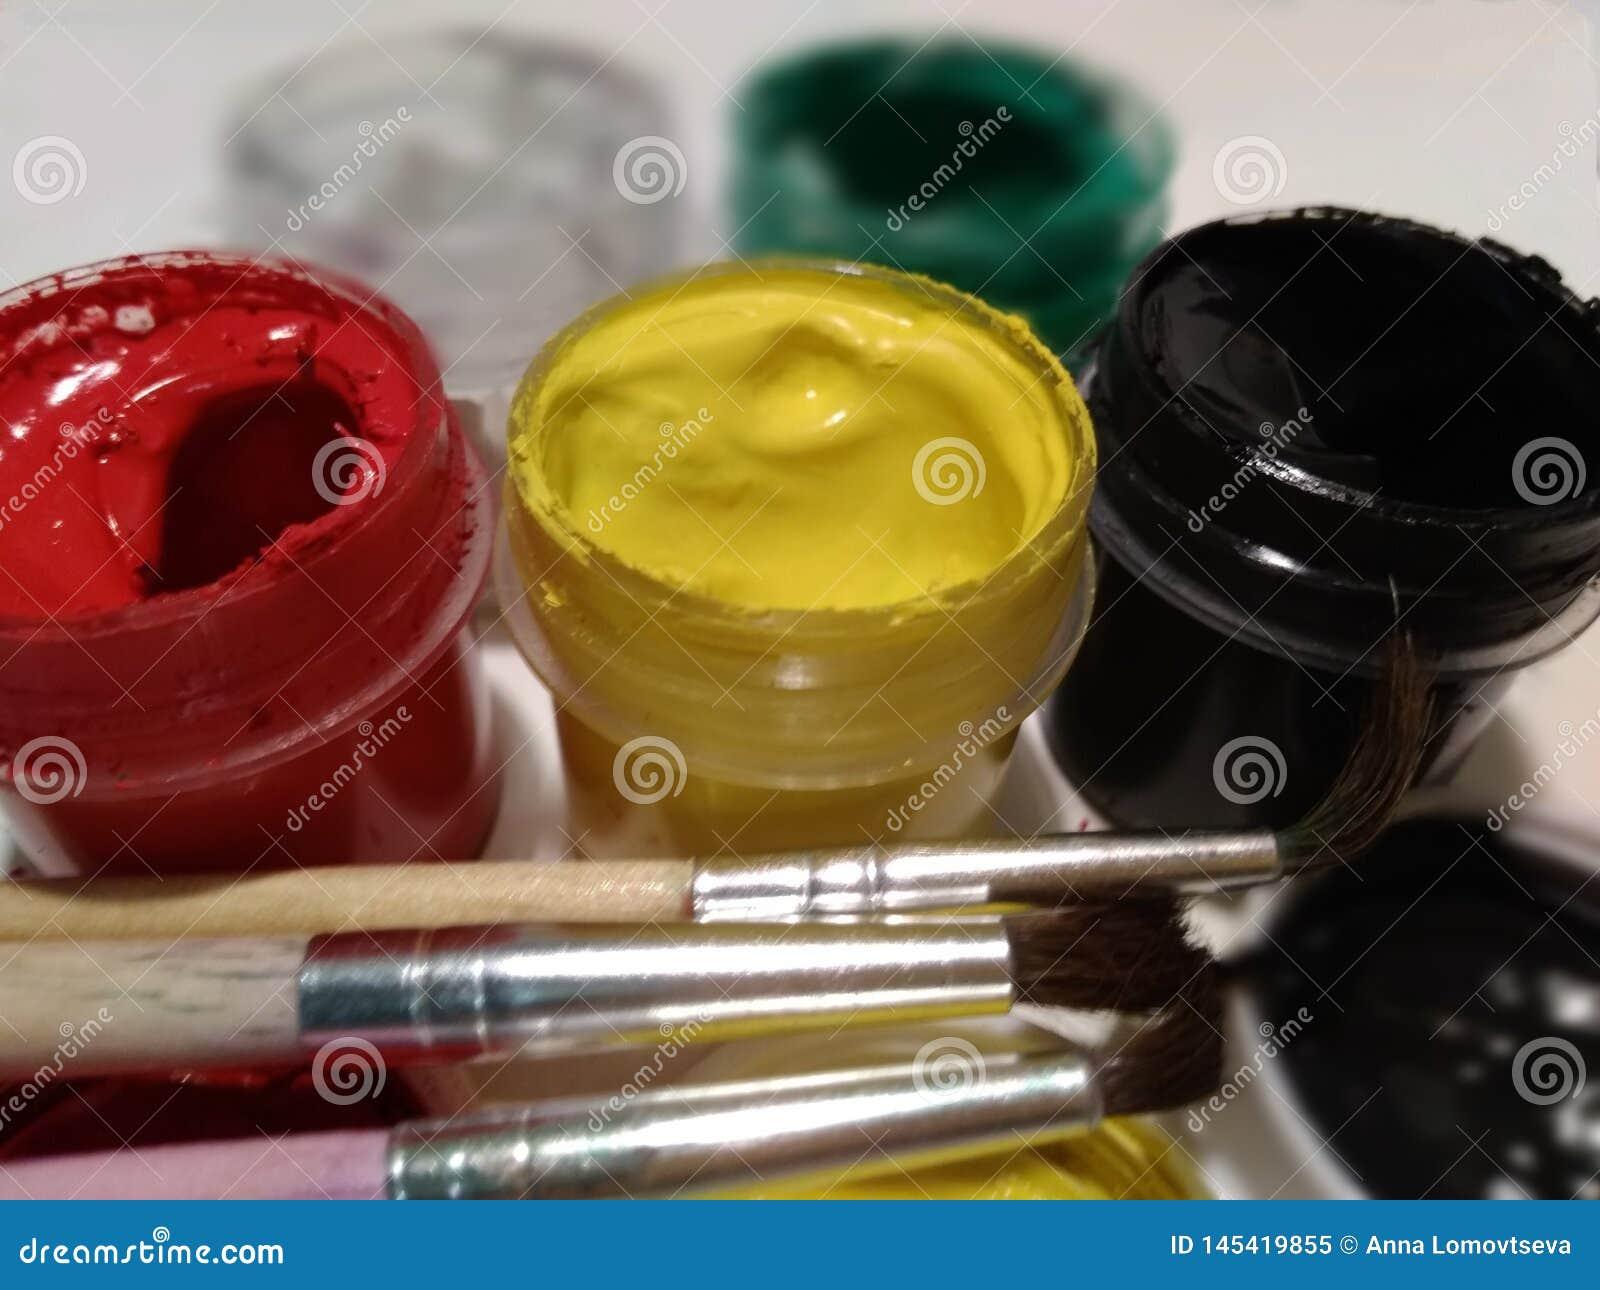 Gouachemålarfärger och målarfärgborstar